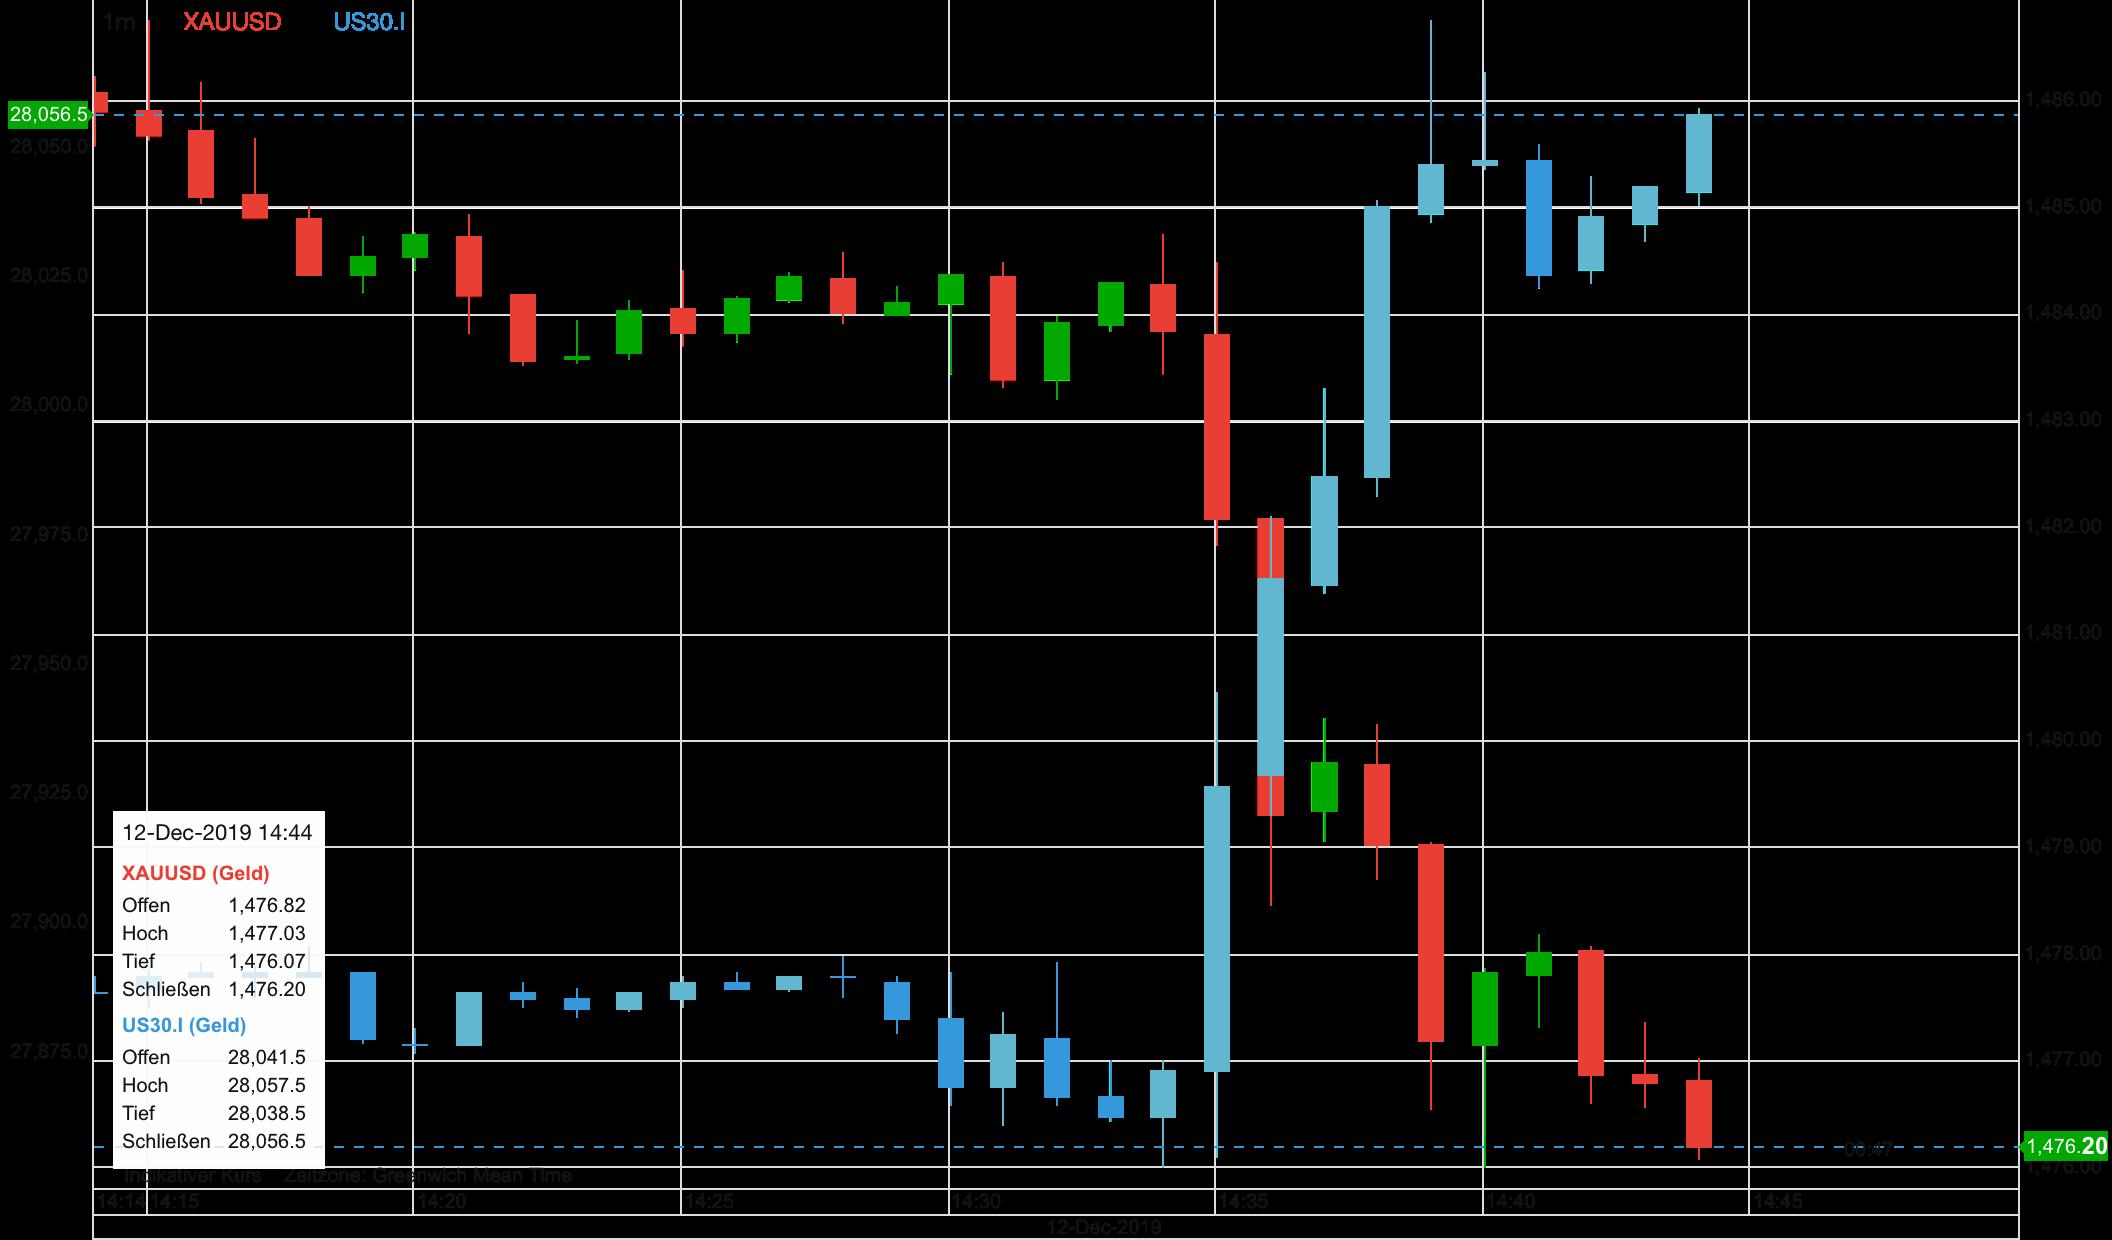 Goldpreis vs Dow 30